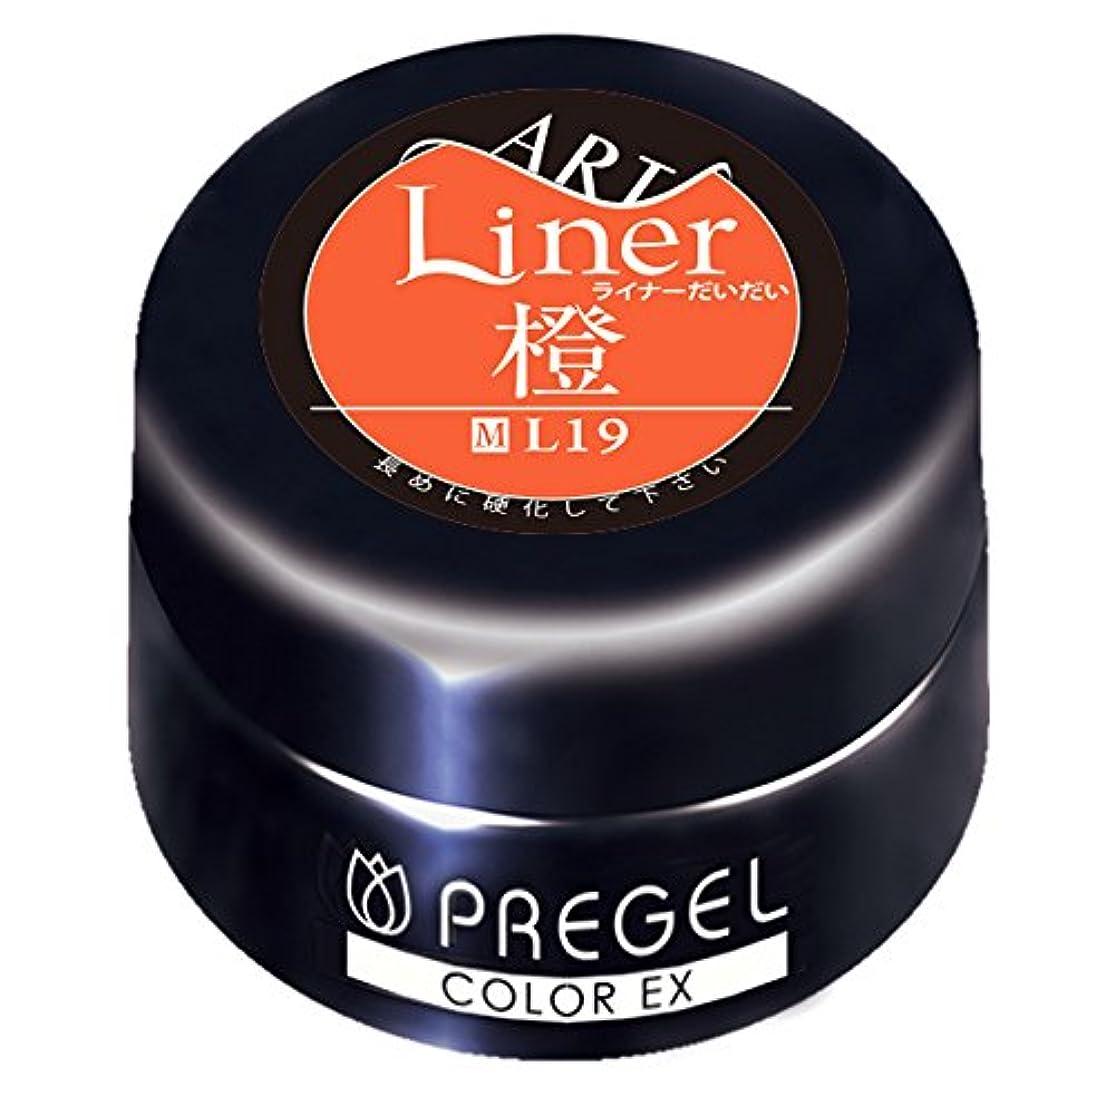 驚くべき宣言調整可能PRE GEL カラーEX ライナー橙19 4g UV/LED対応